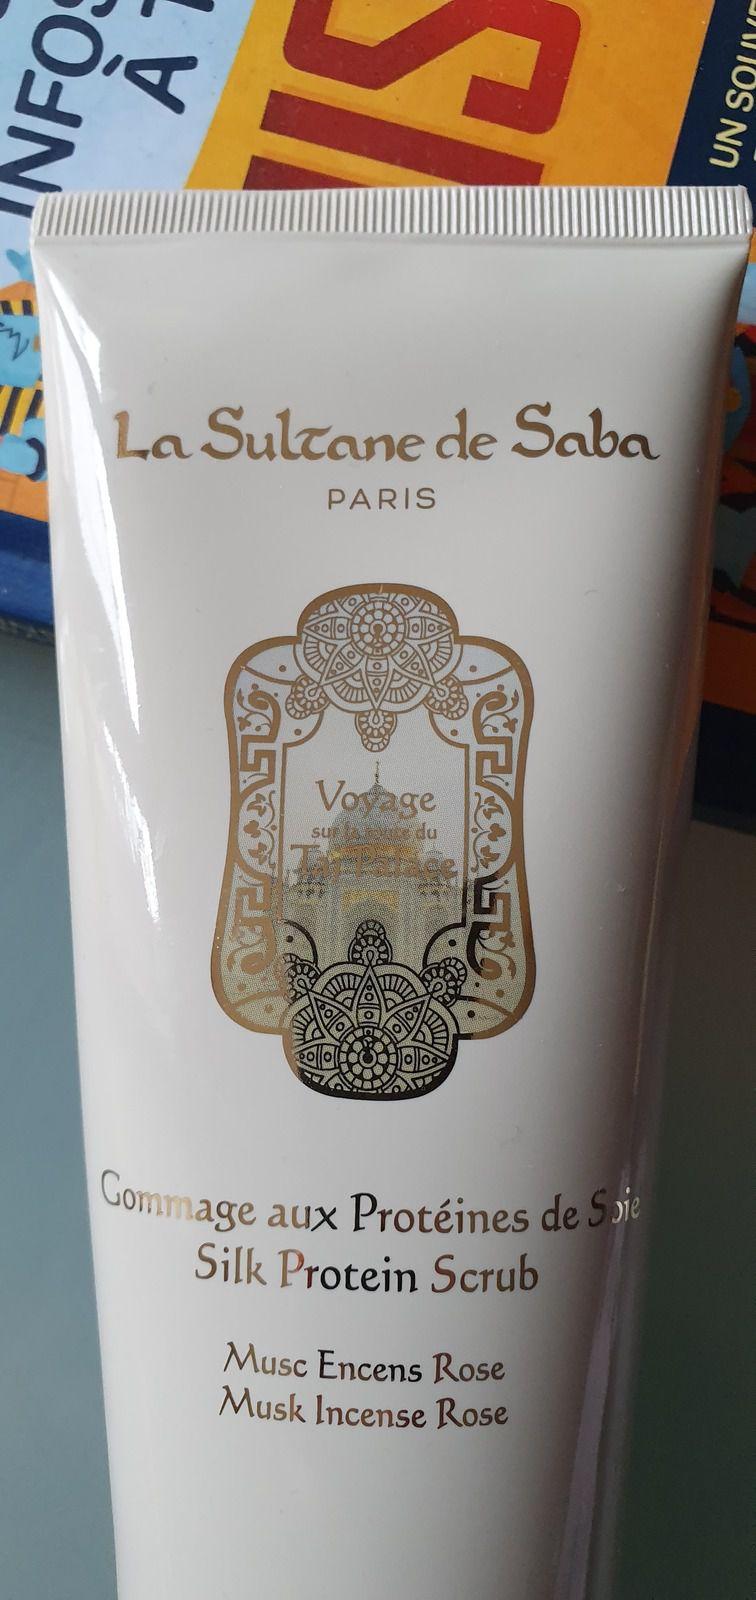 Un voyage olfactif avec La Sultane de Saba